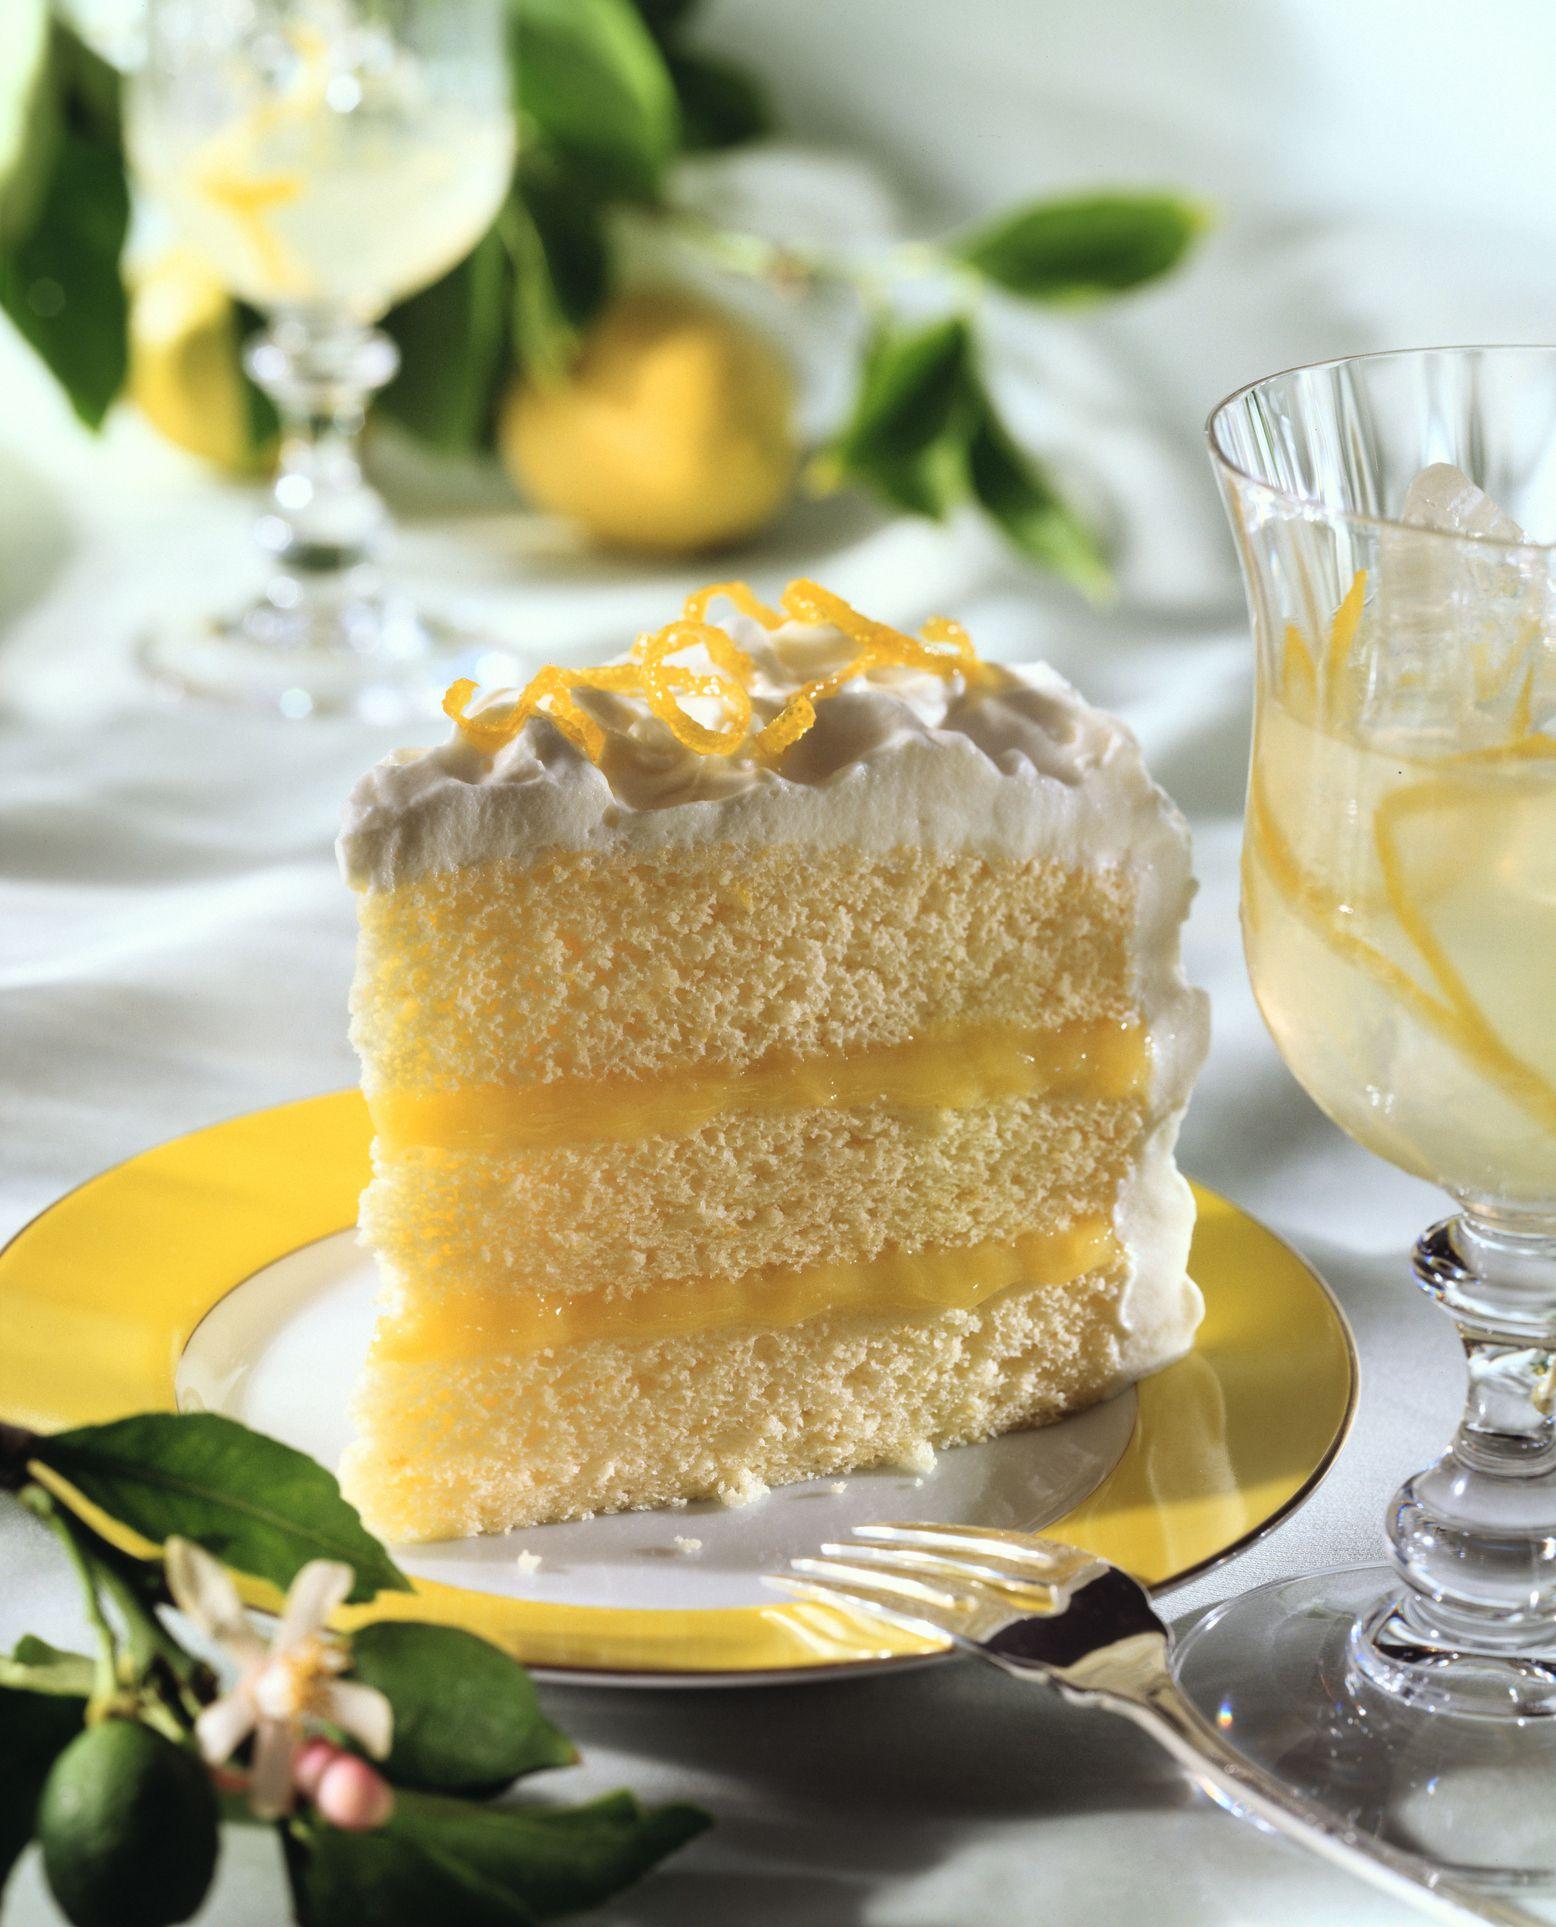 Irresistible Triple Layer Lemon Cake recipe